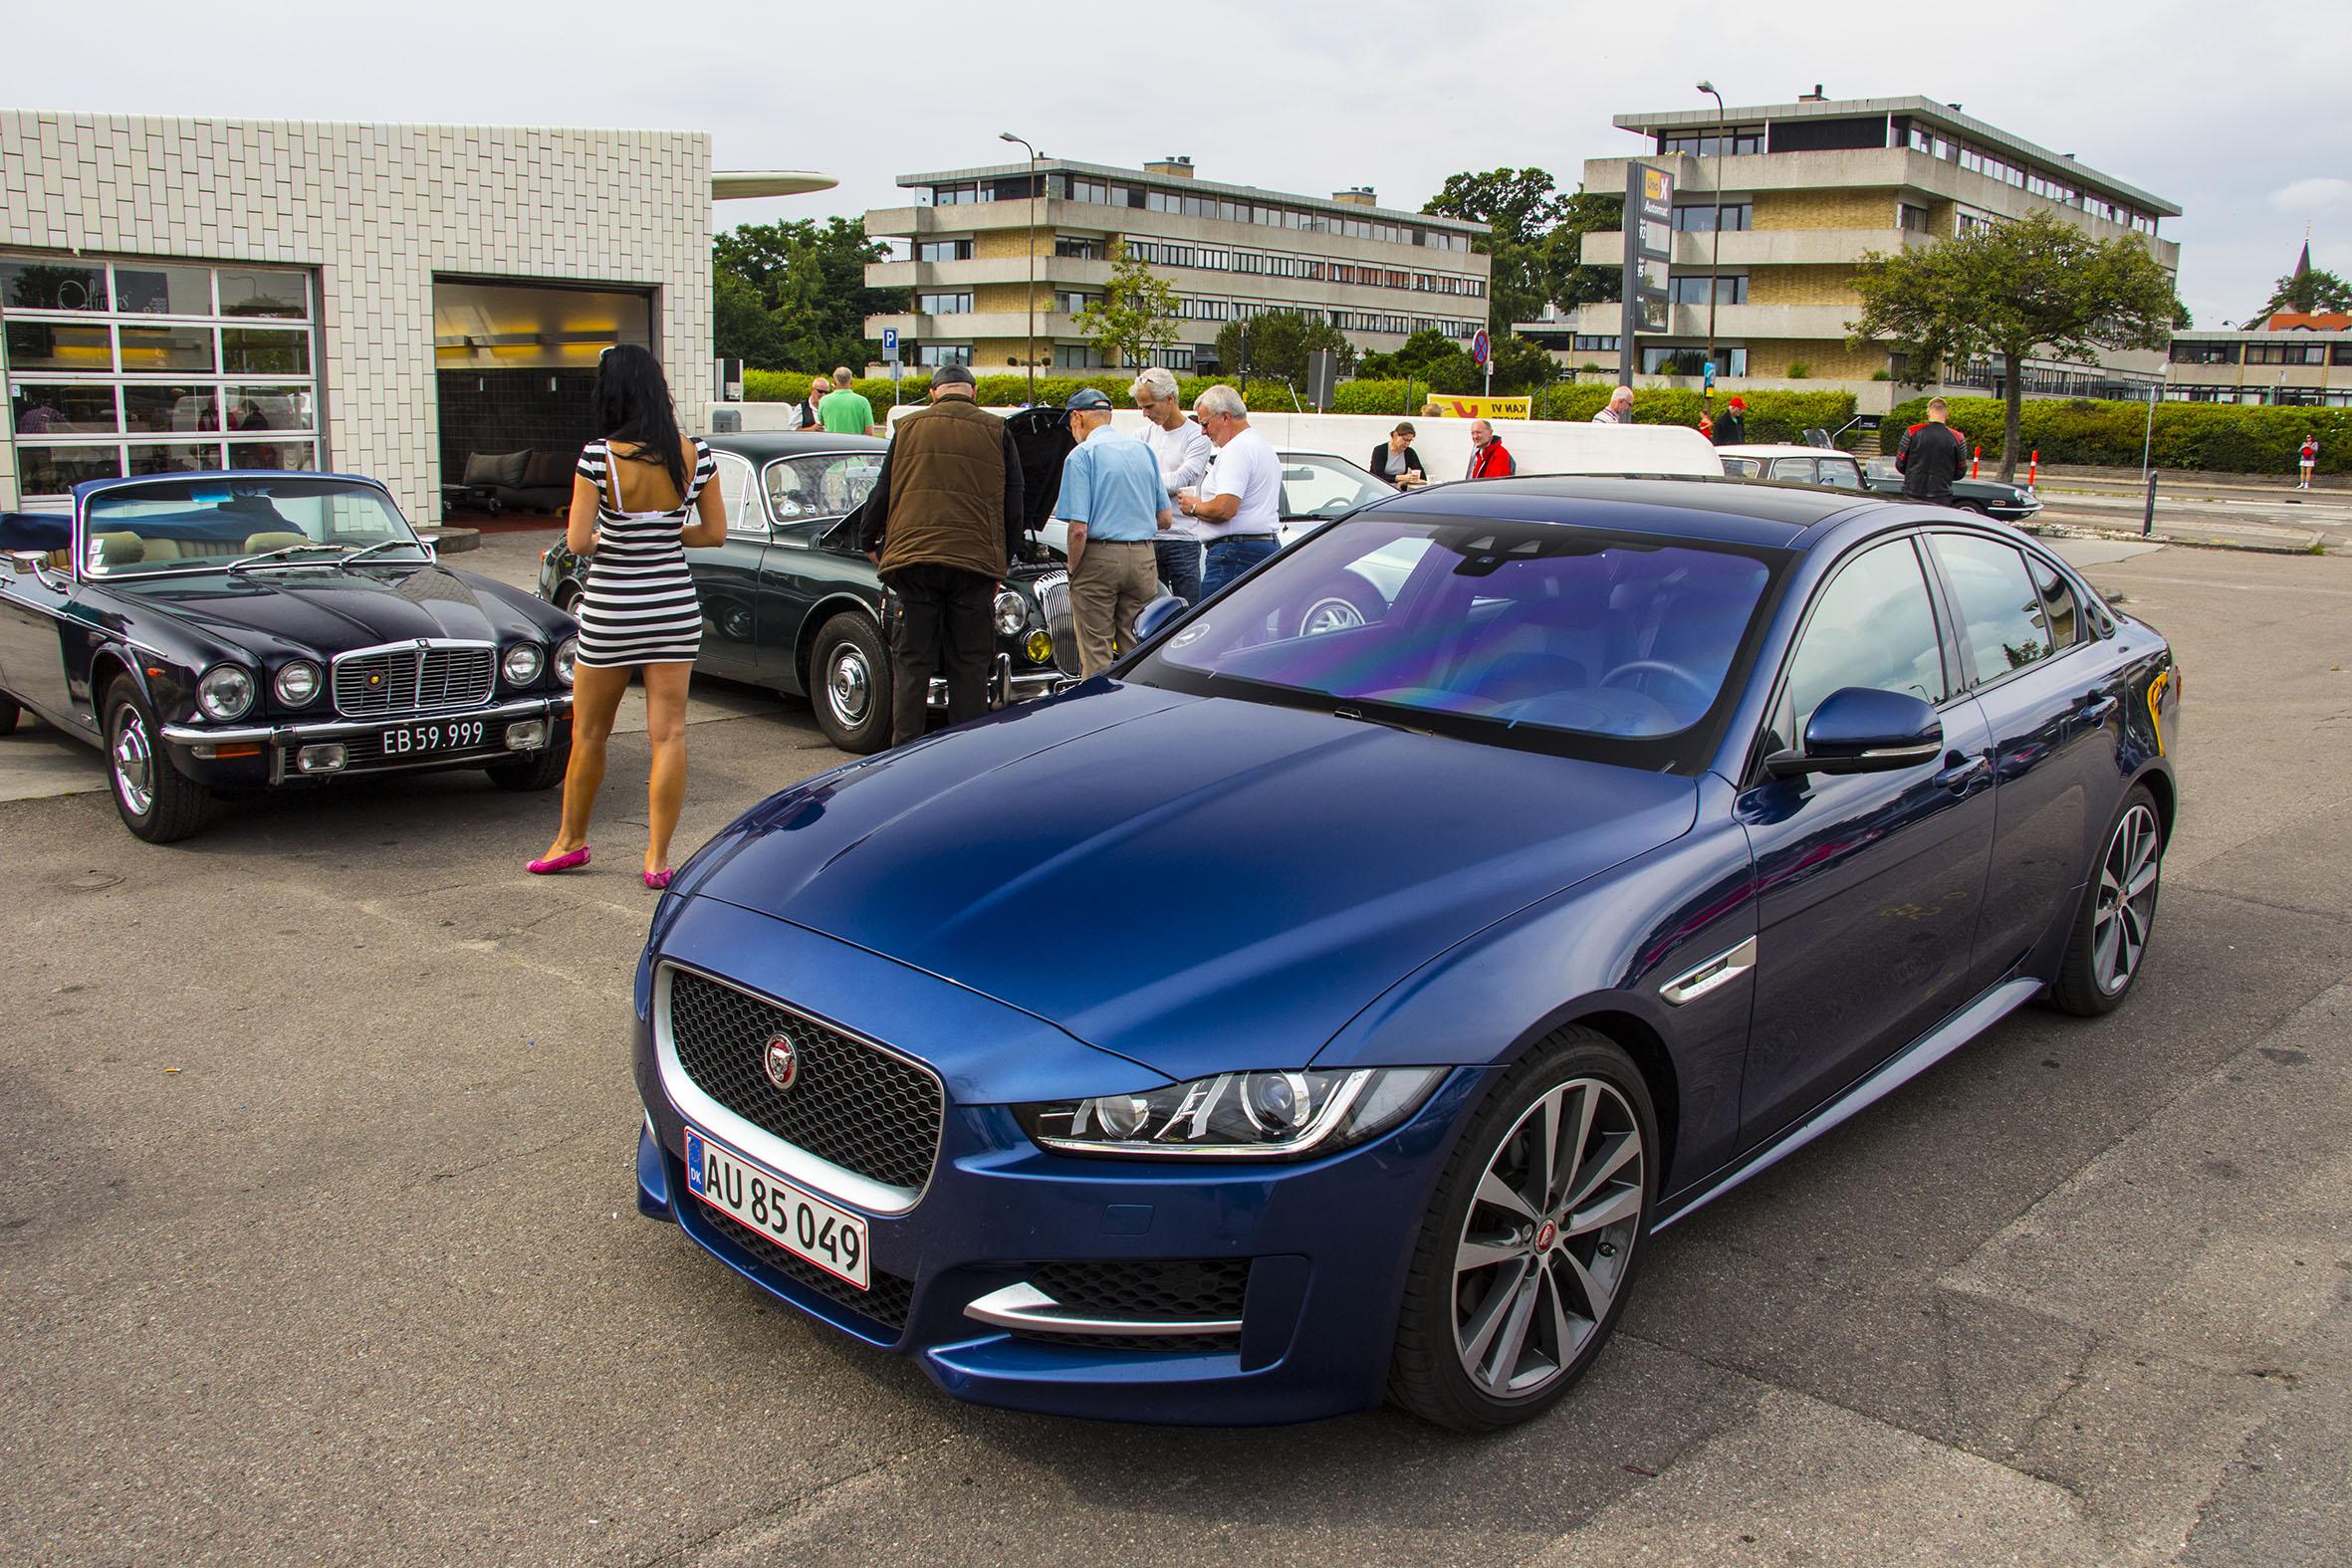 F Rste Test Af Den Nye Jaguar Xe Med Jarguars Egen 4